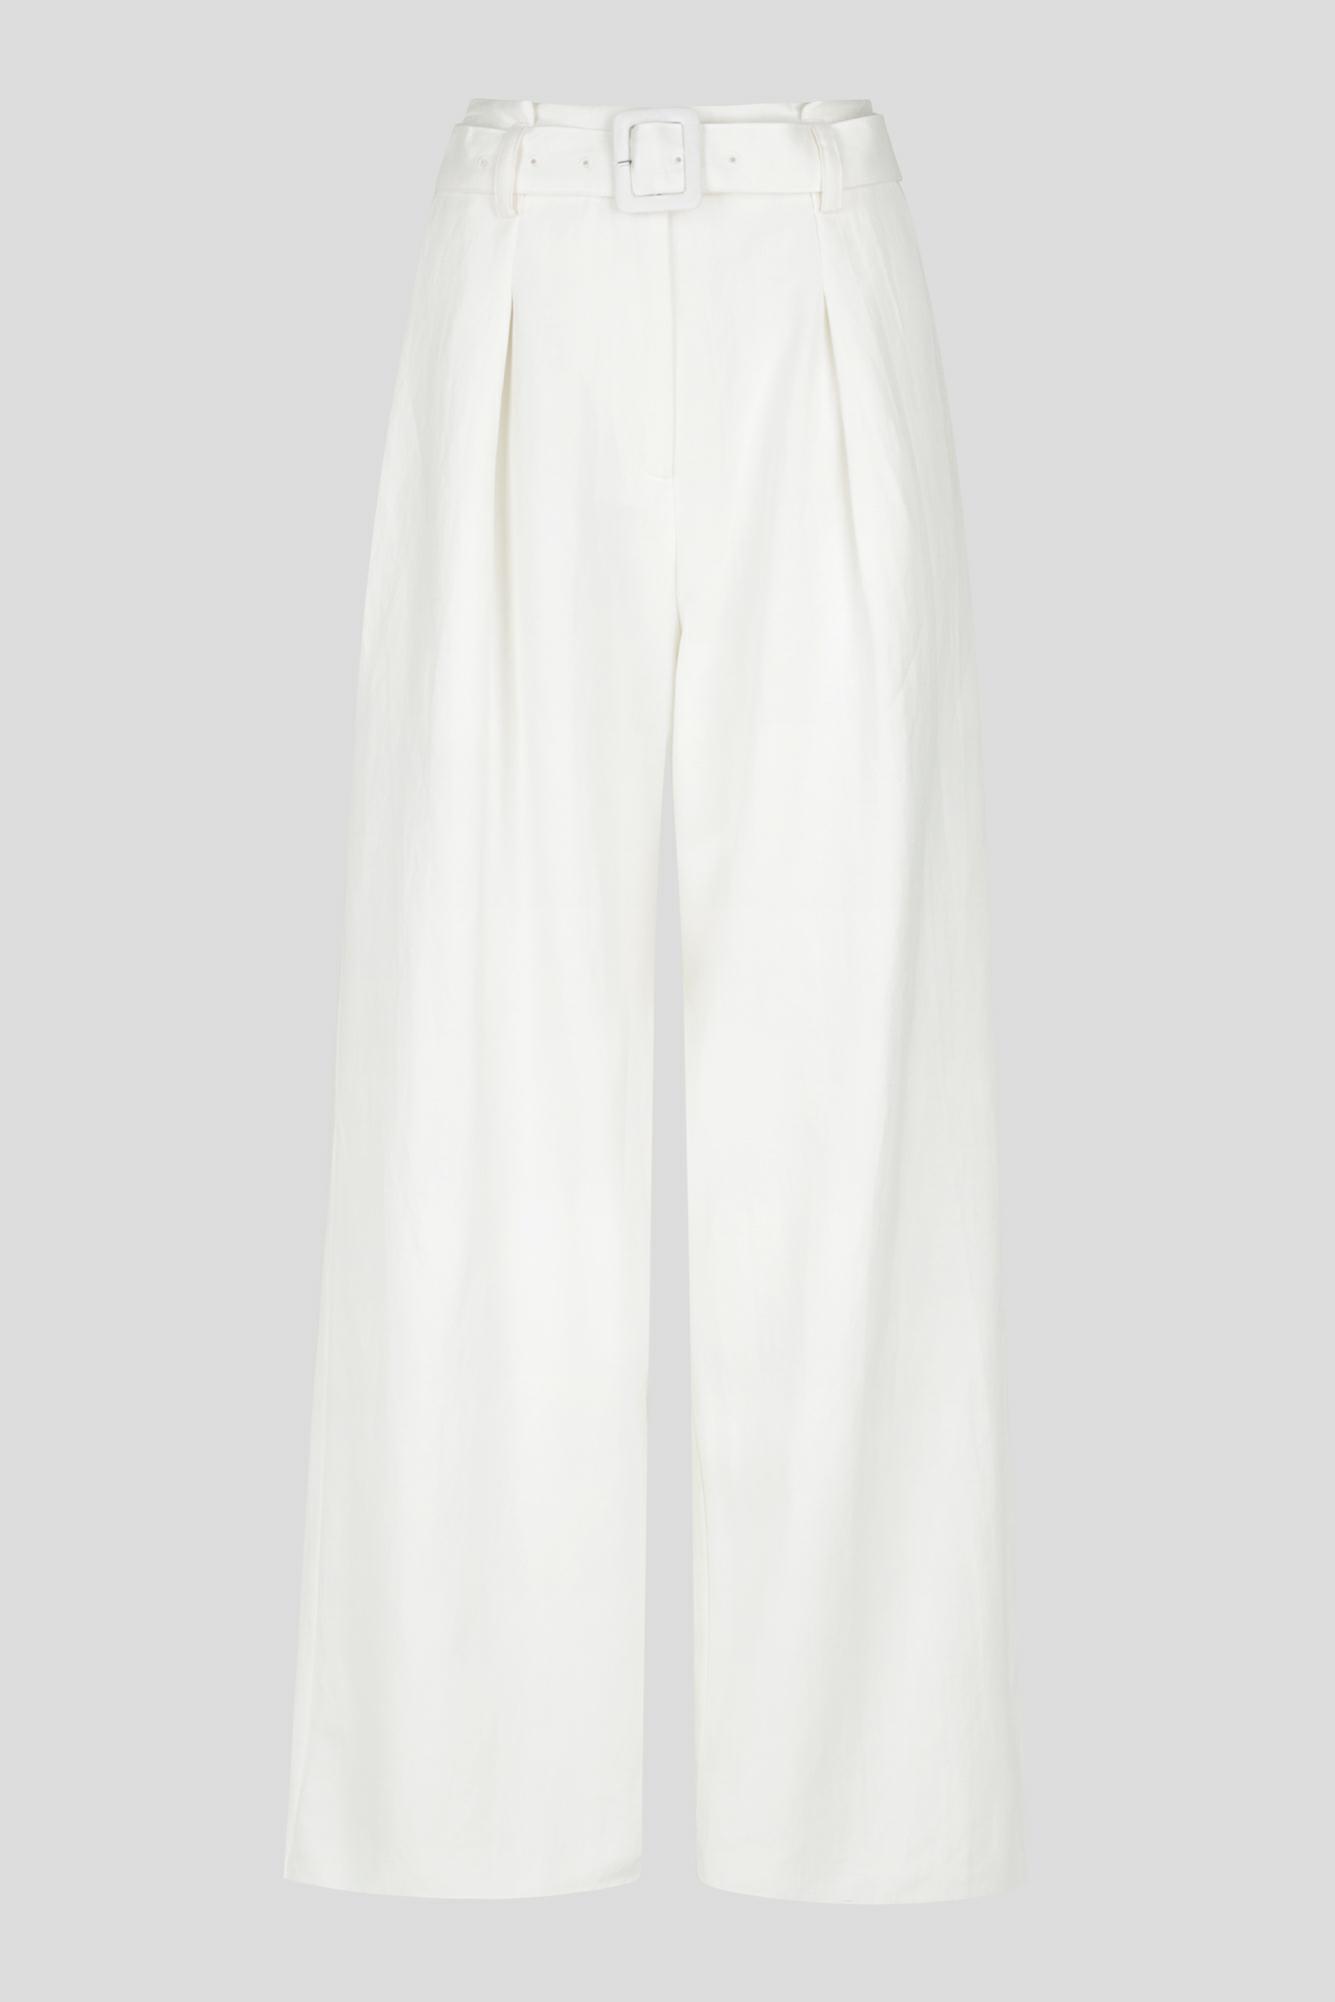 Solana Pant Ladies Pants Colour is White